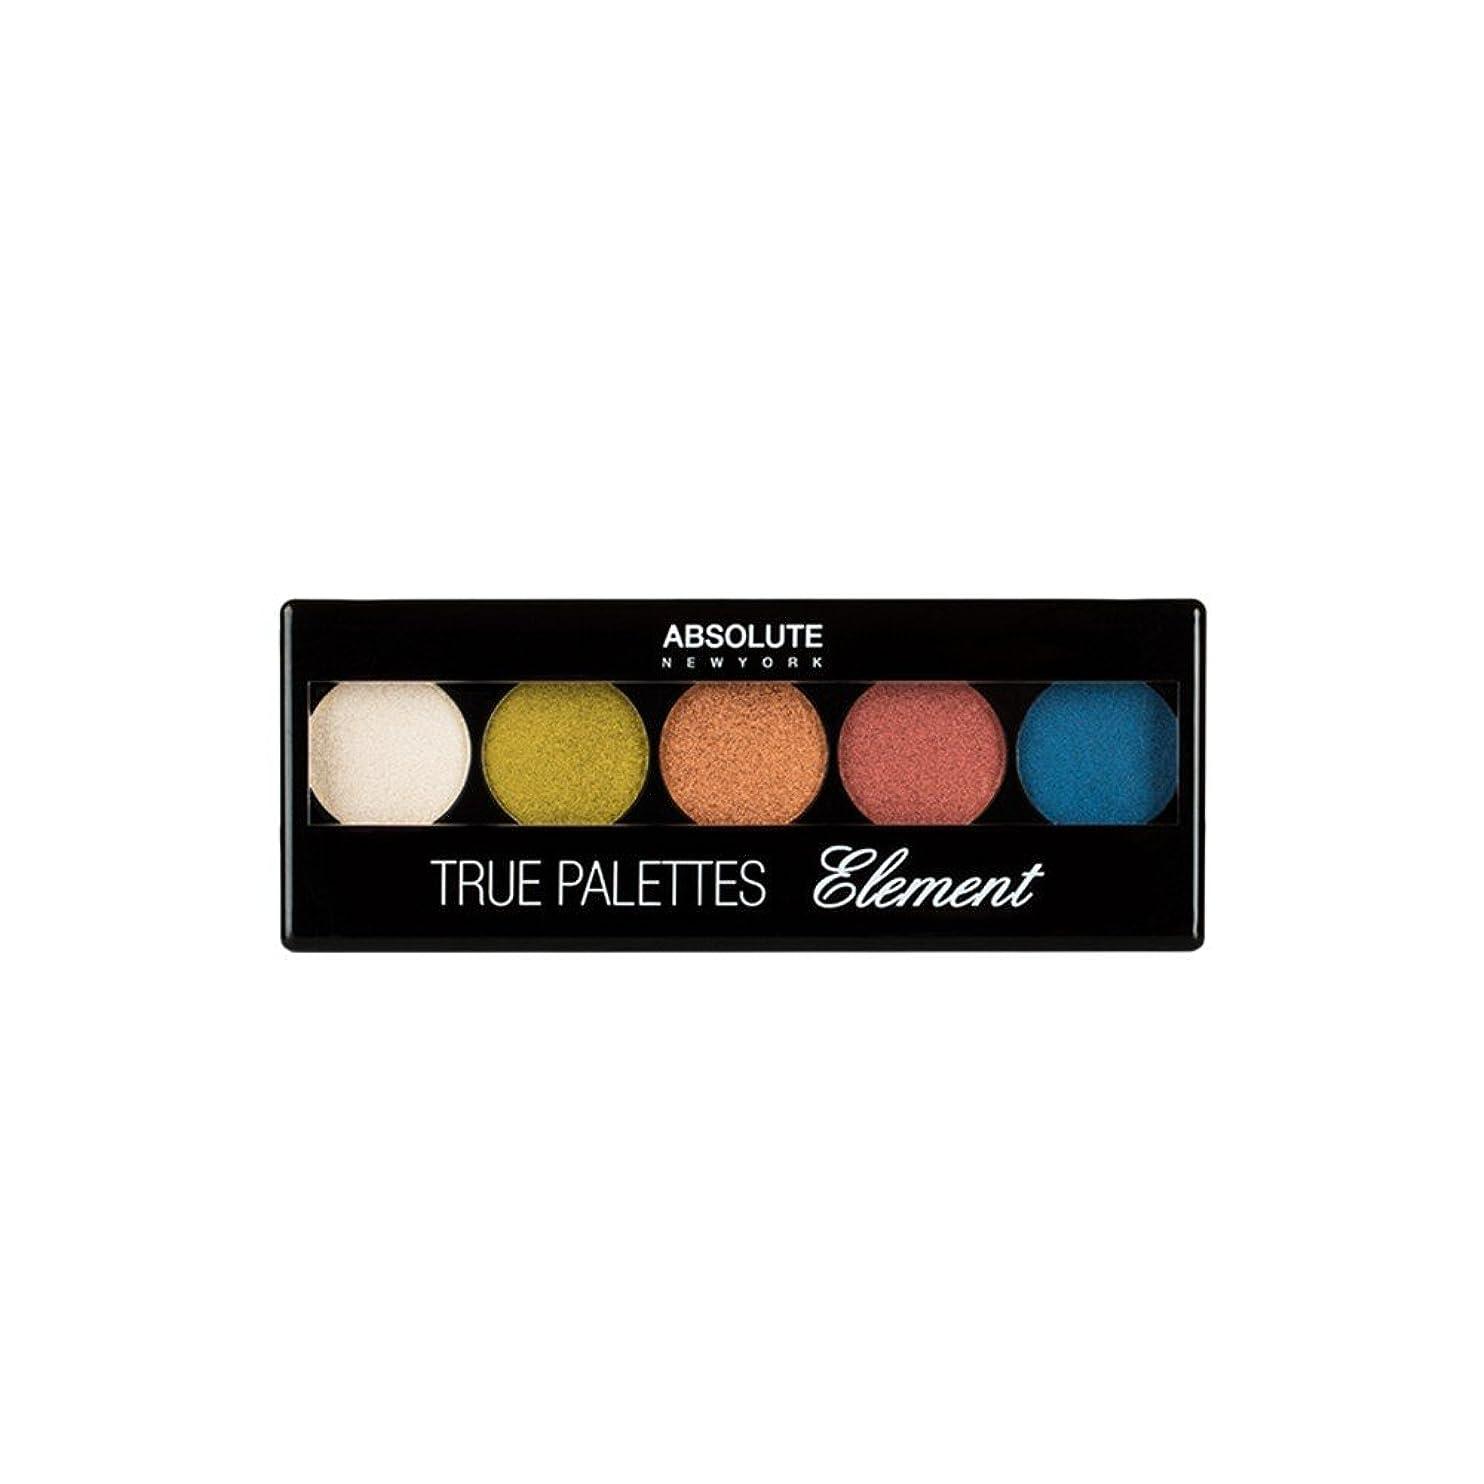 報復する小さい構成する(6 Pack) ABSOLUTE True Palettes - Element (並行輸入品)